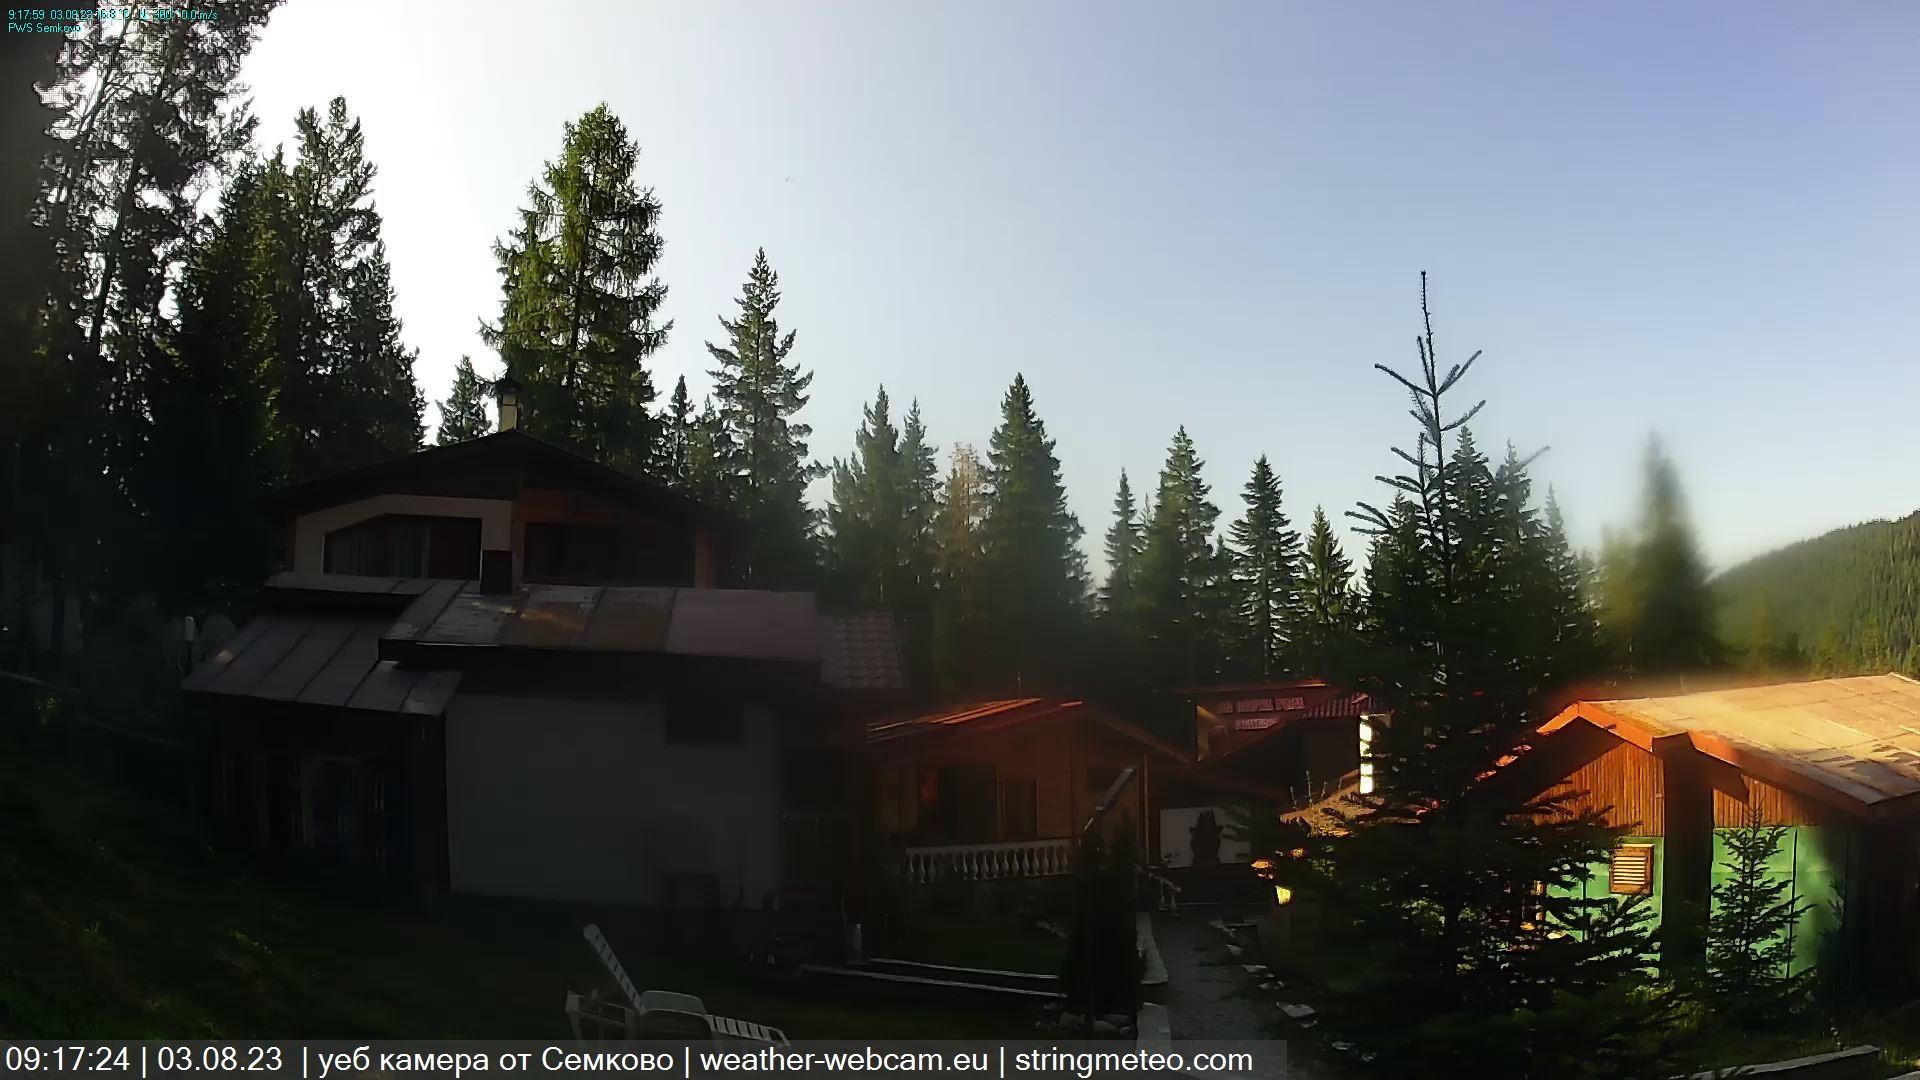 Семково времето уеб камера от вилно селище 'Света Гора', местност в планински и ски курорт в Рила планина, на 16 км. северно от гр. Белица